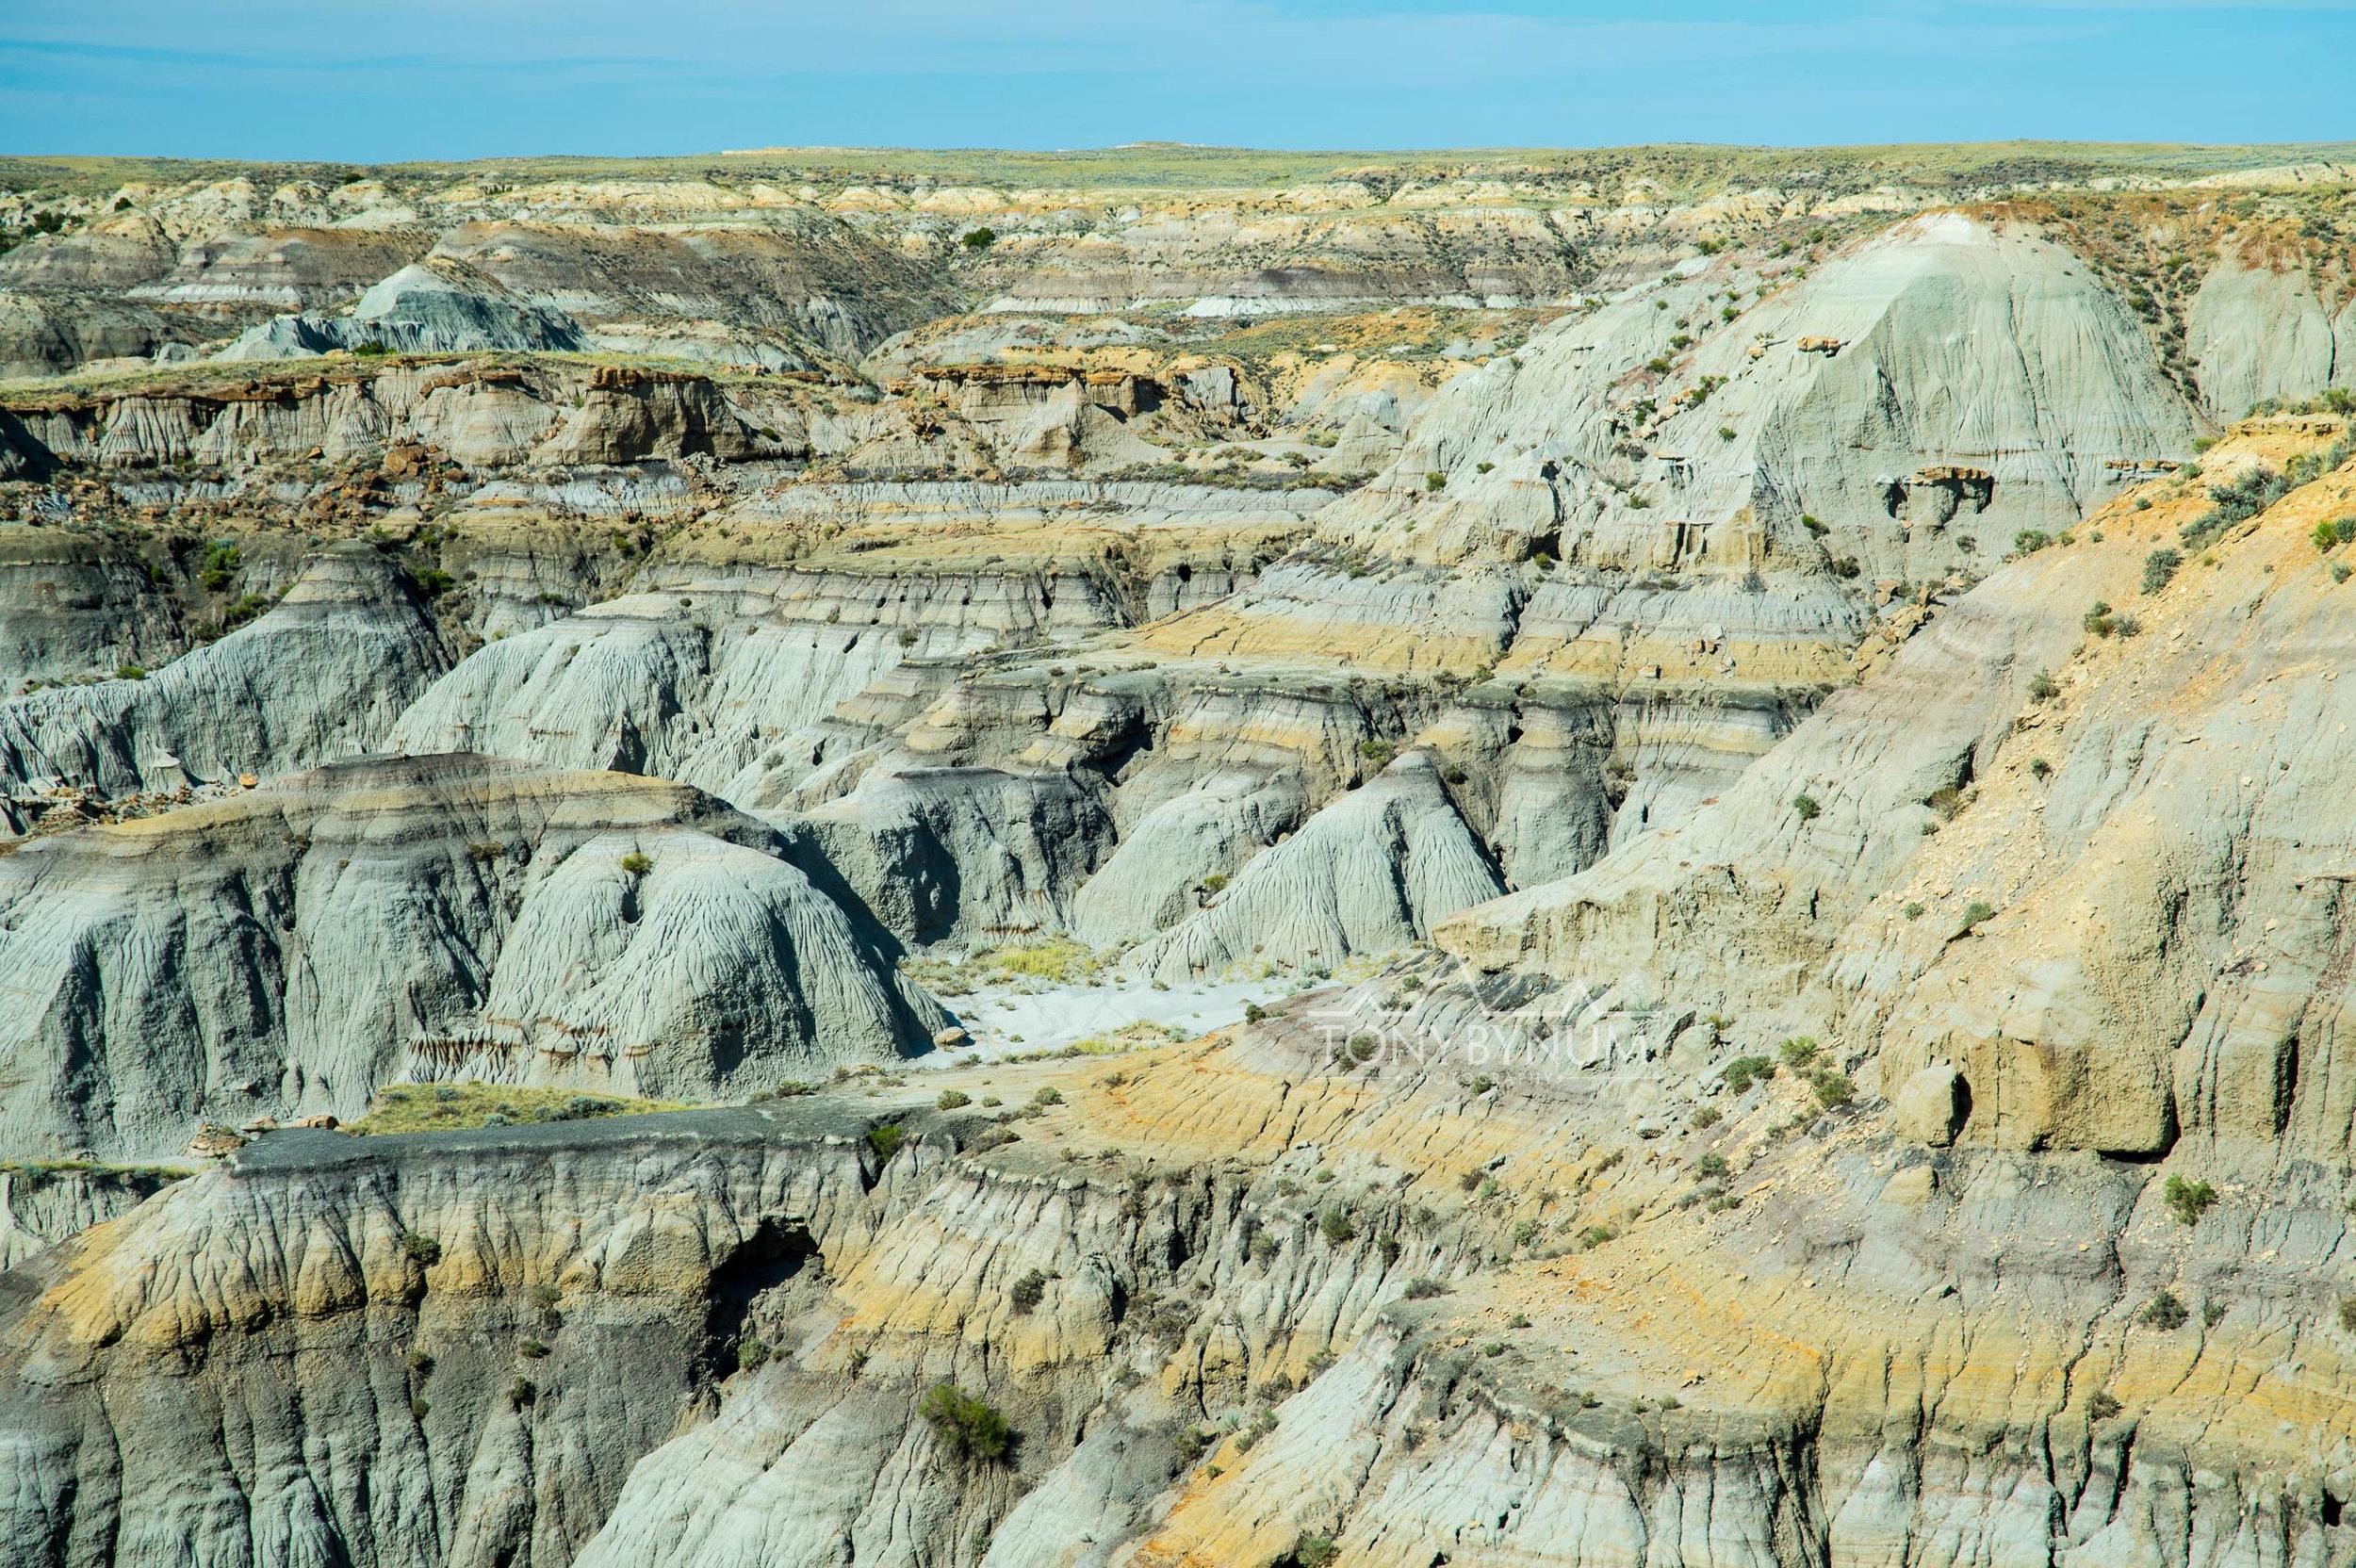 wild cliffs Montana prairie wilderness